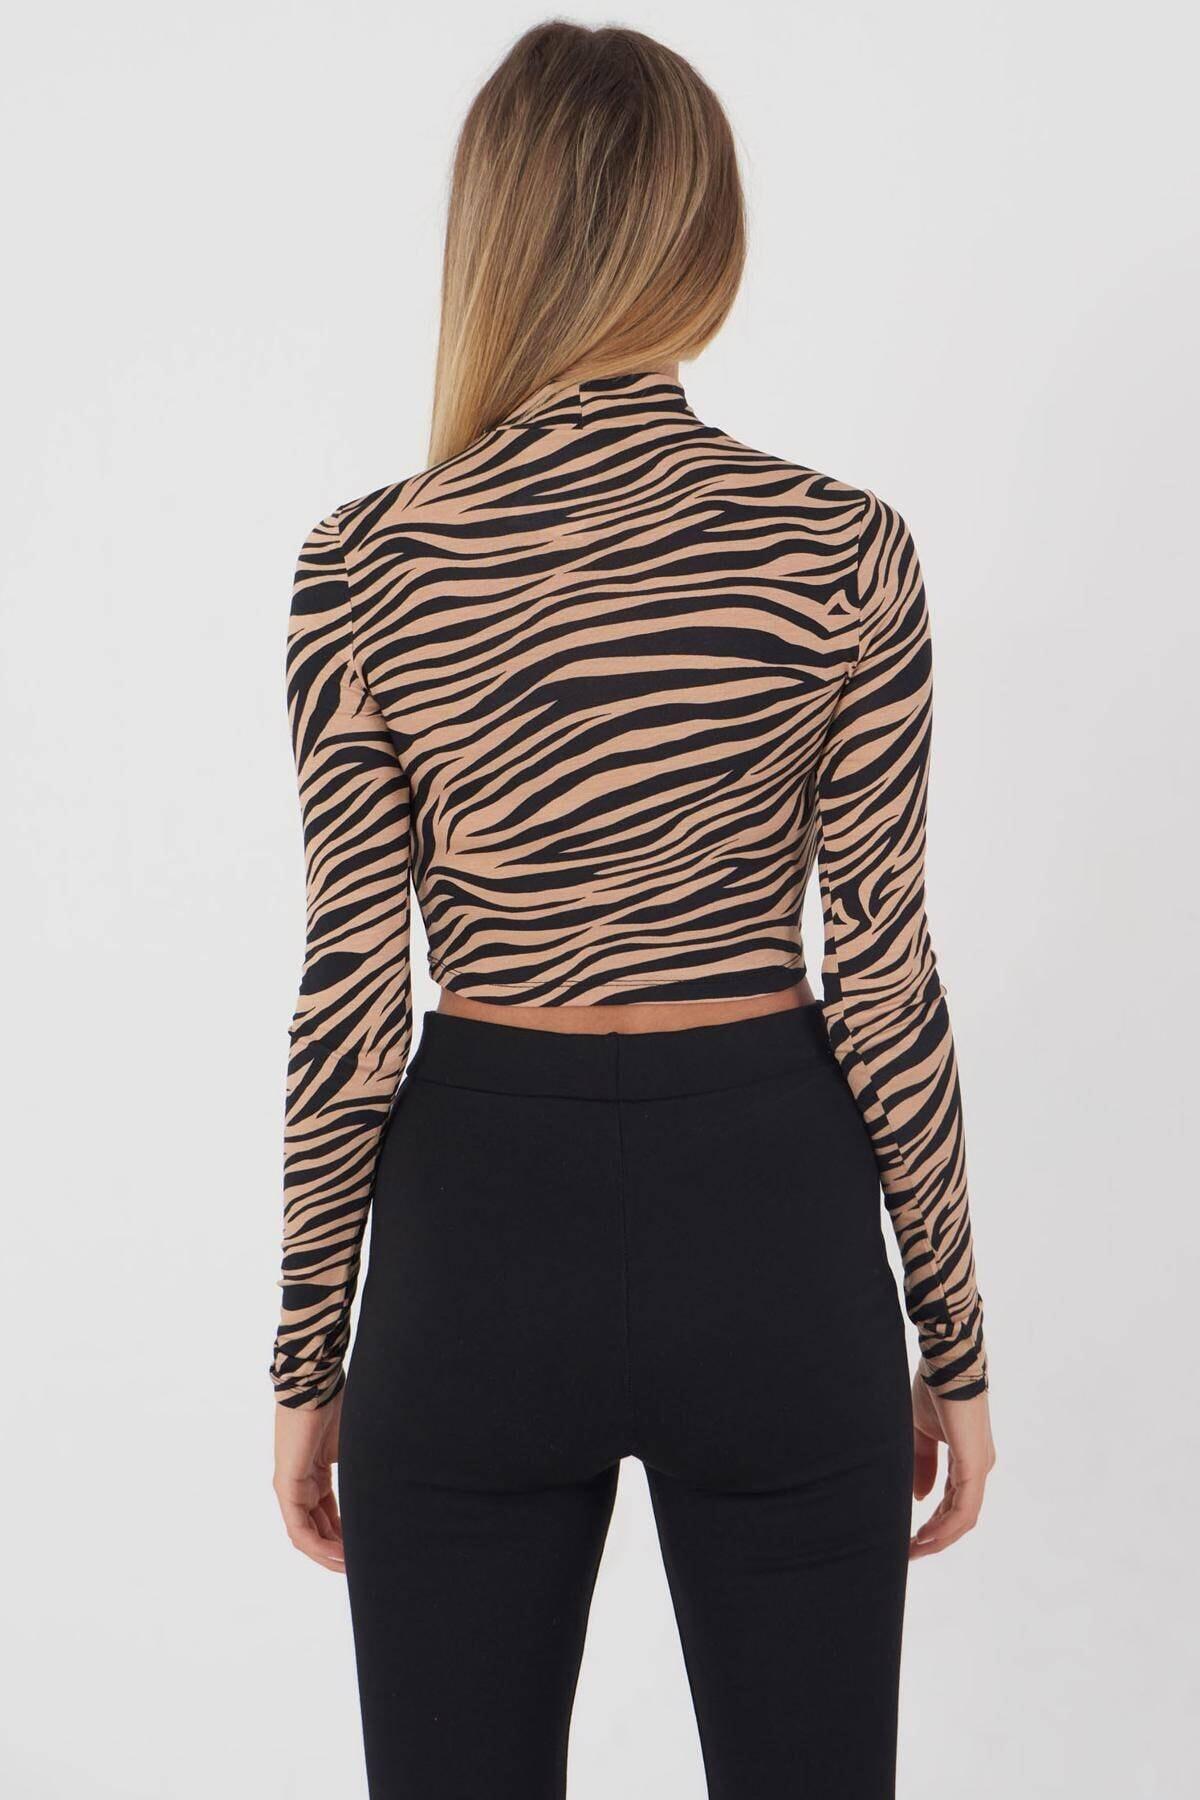 Addax Kadın Kahve Siyah Zebra Desenli Bluz P1083 - Y3W2 Adx-0000023310 4